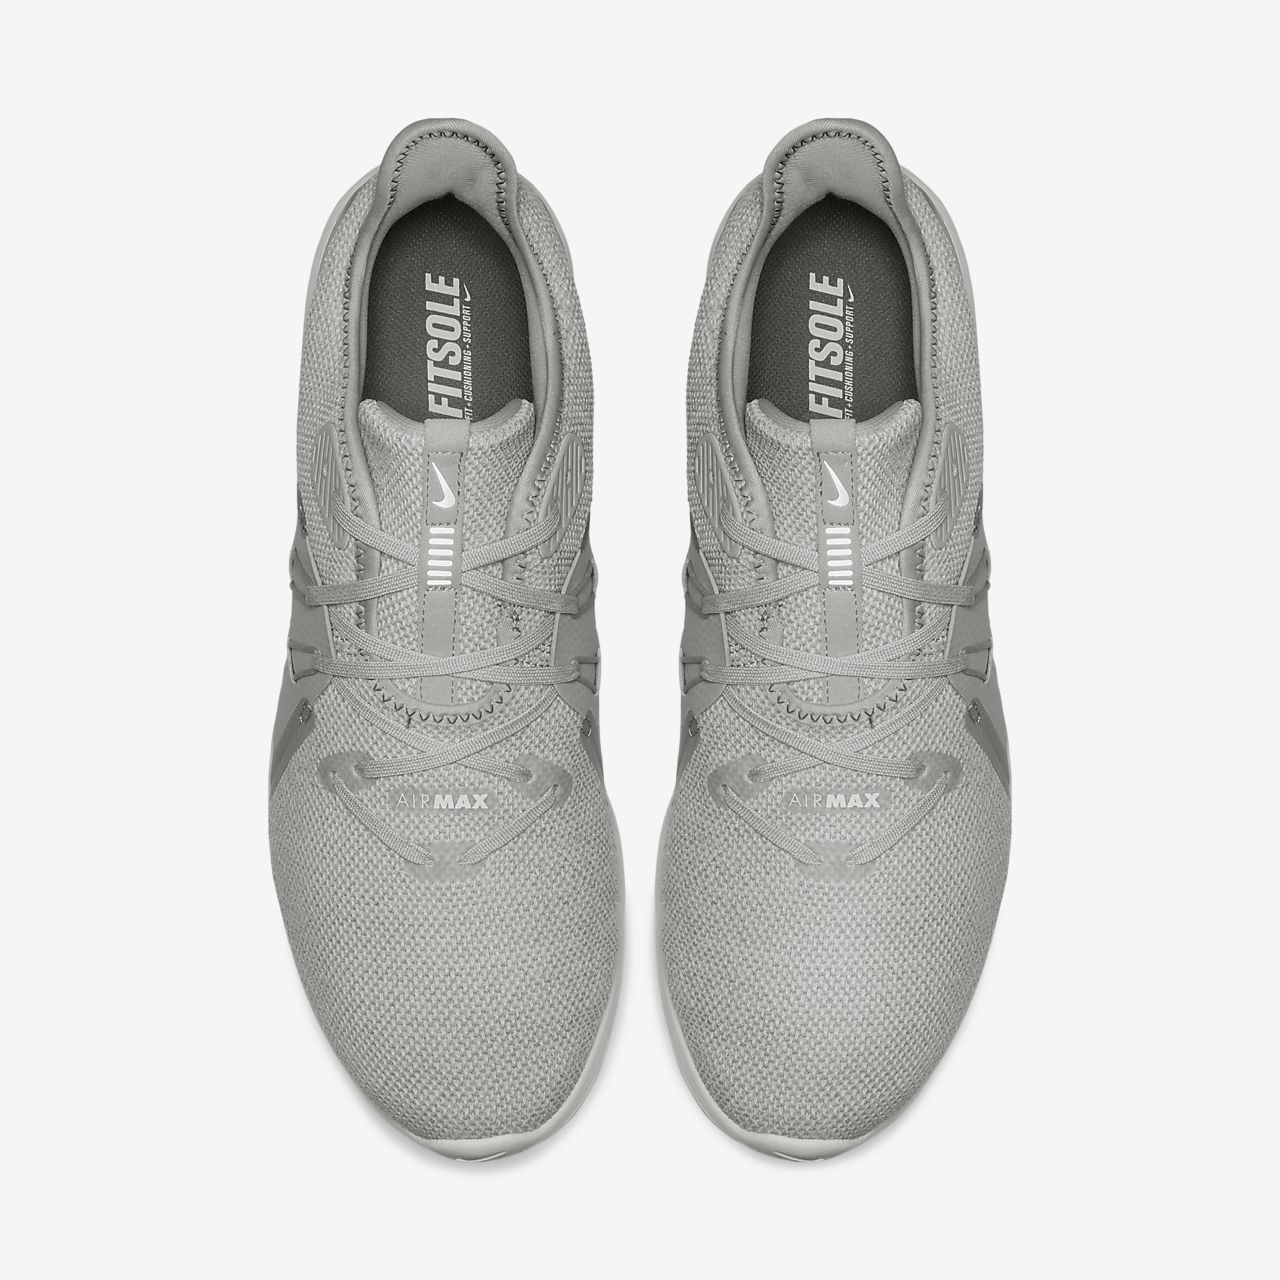 Sapatilhas Nike Air Max Sequent 3 para homem